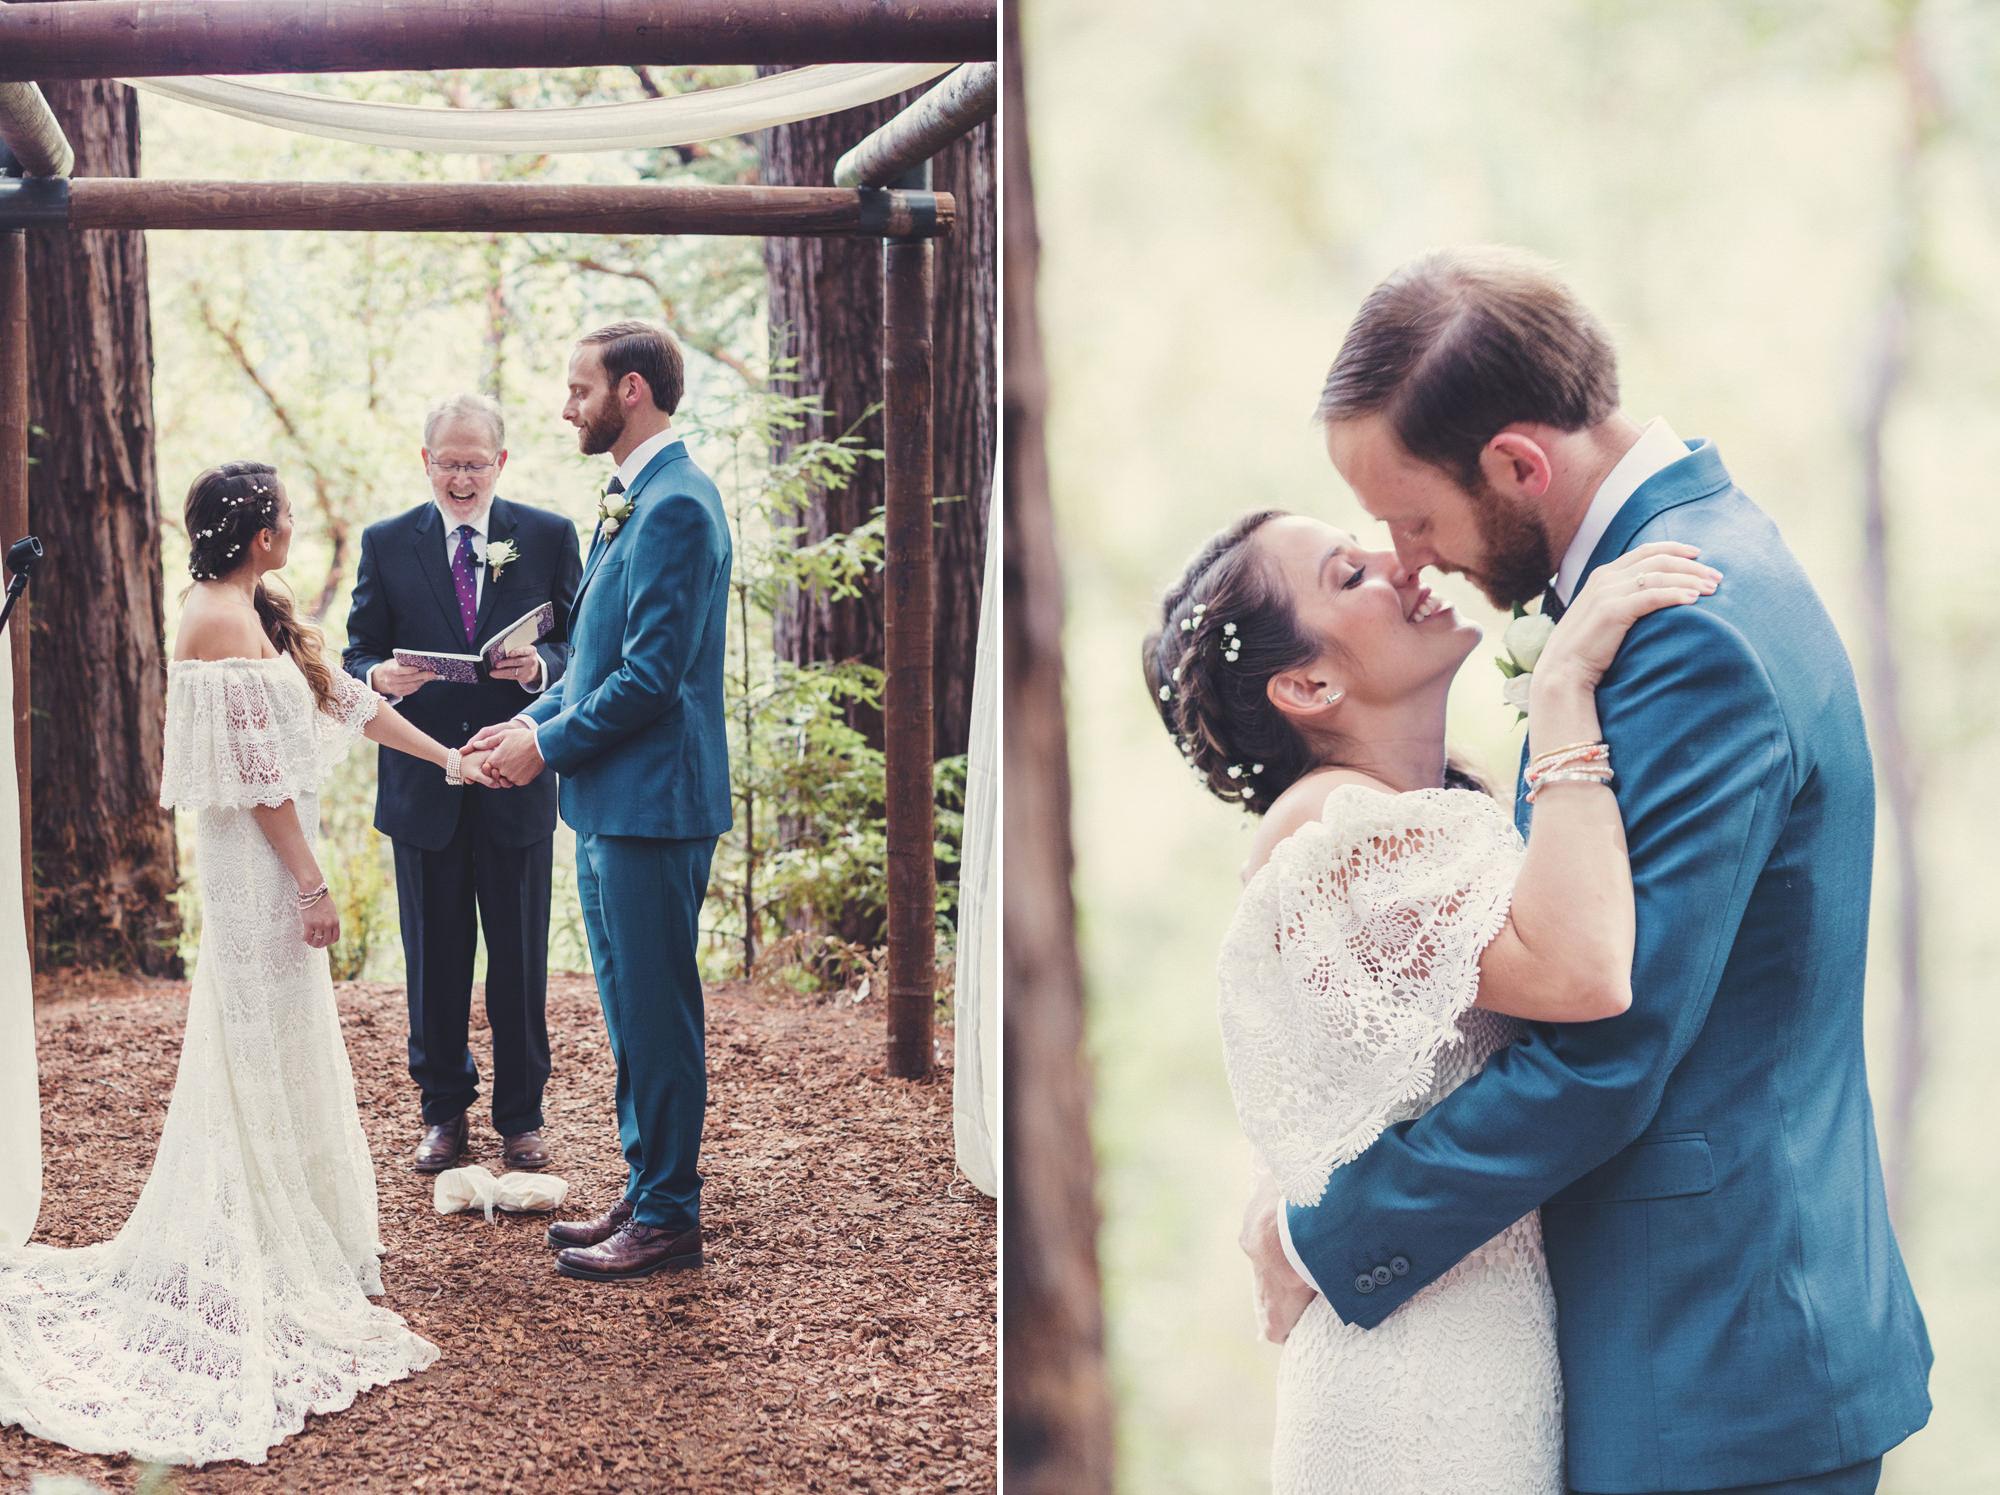 Sequoia Retreat Center Wedding@Anne-Claire Brun 89